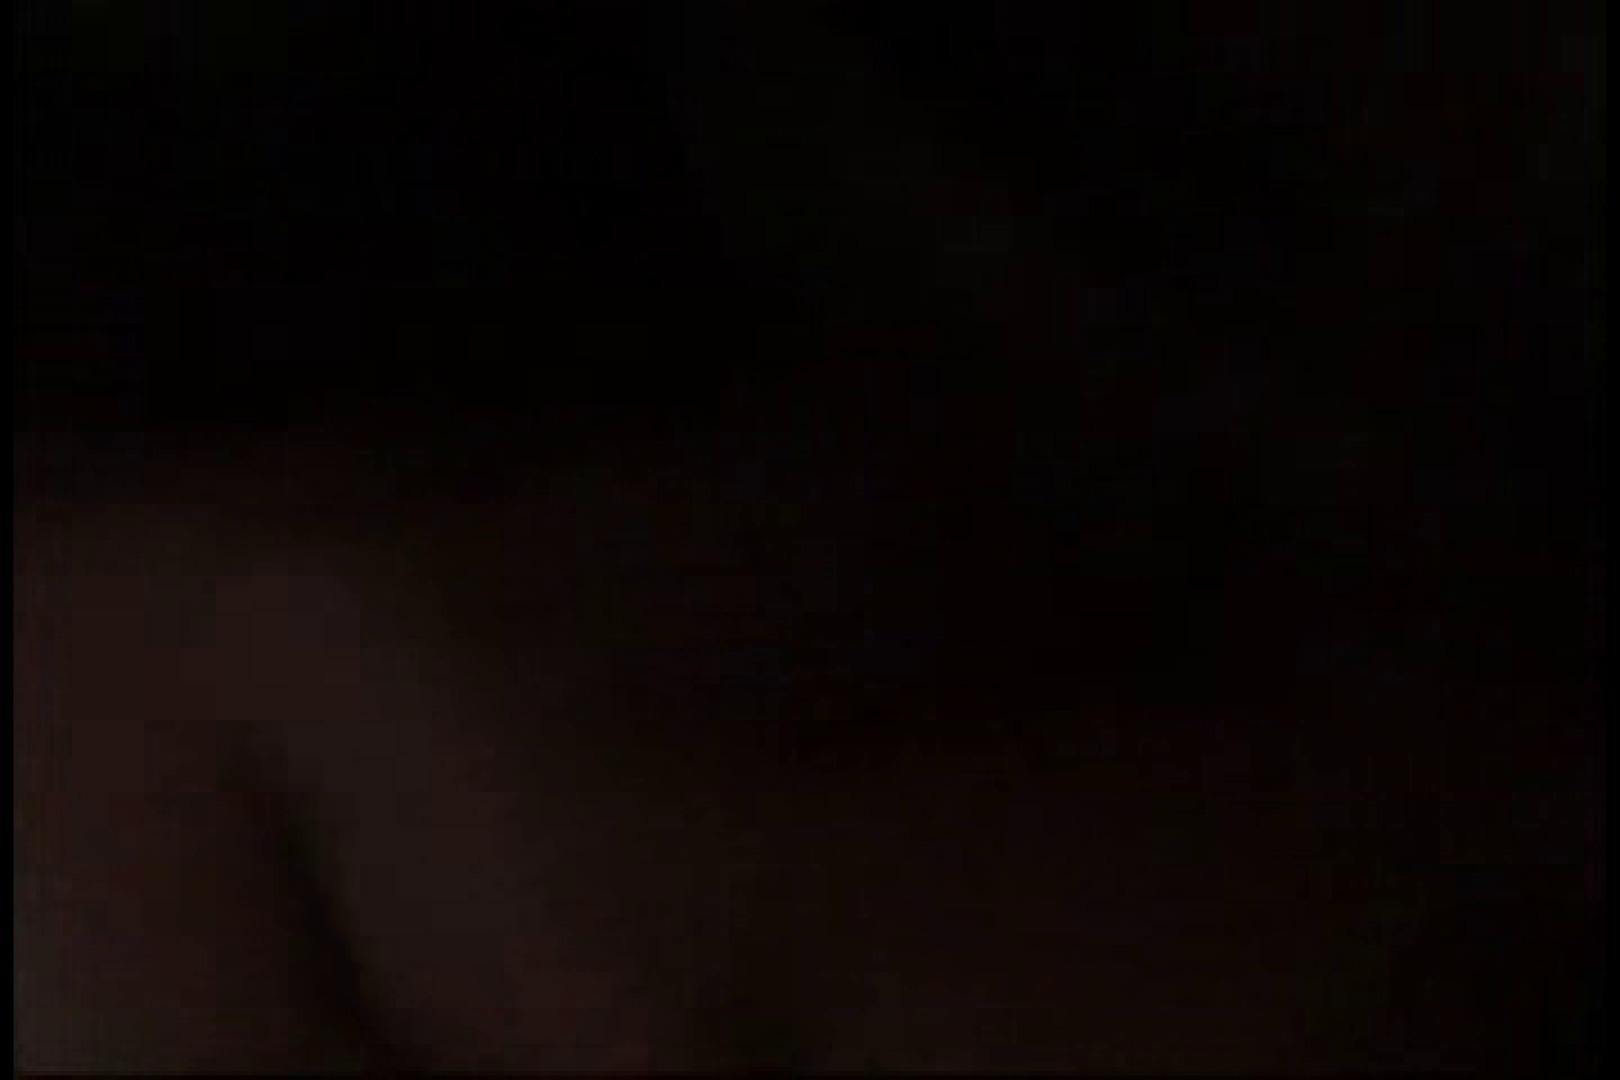 三ッ星シリーズ!!イケメン羞恥心File.05 対女性 ゲイエロ動画 105pic 89